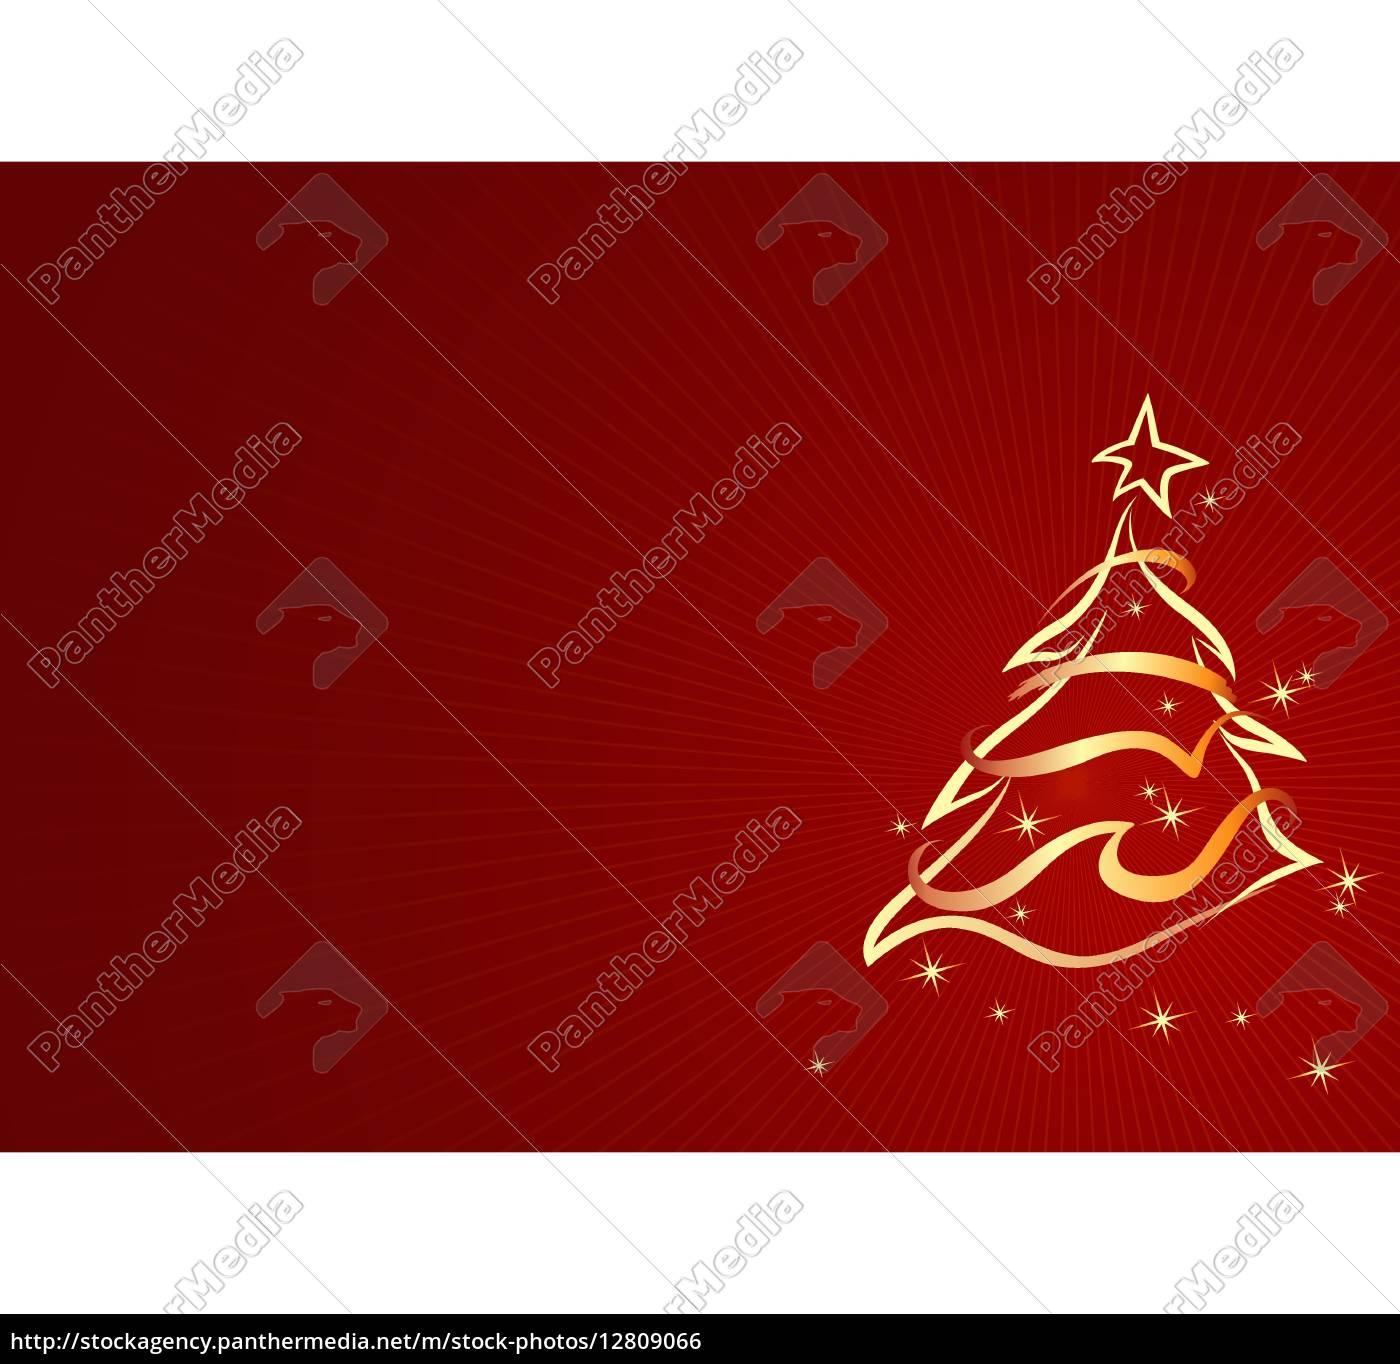 gold abstrakt xmas tree weihnachten hintergrund stock. Black Bedroom Furniture Sets. Home Design Ideas